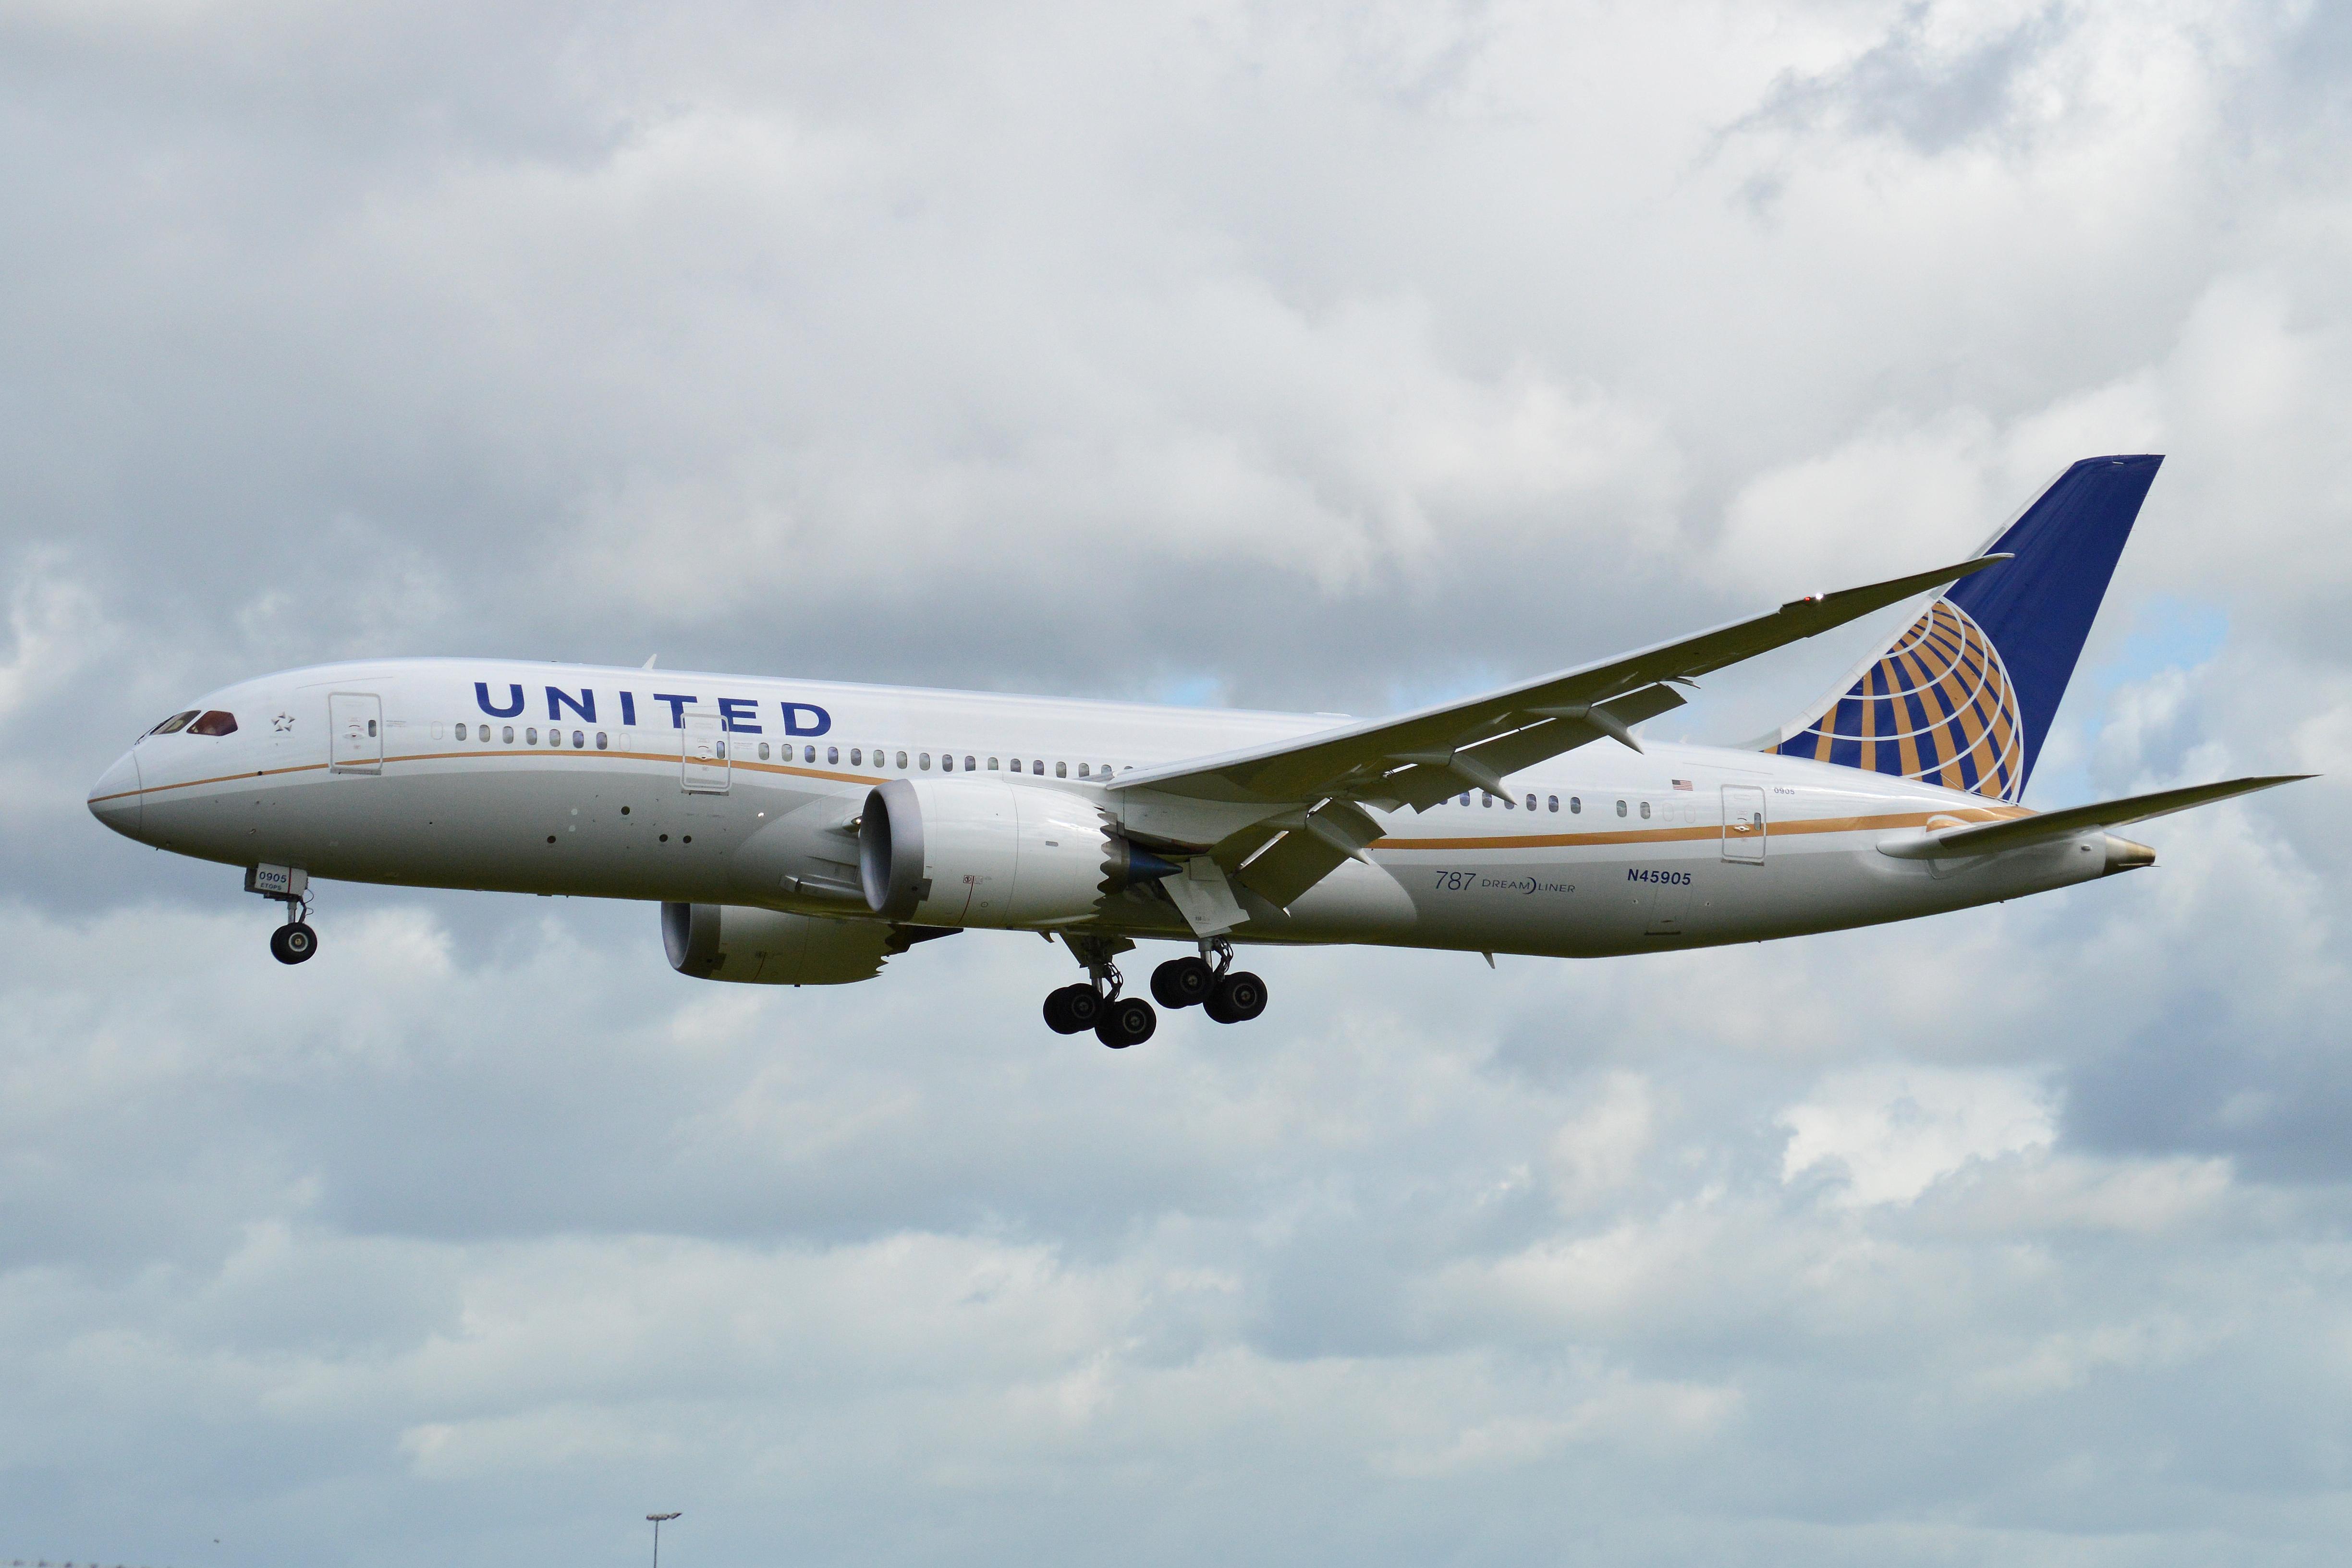 File:Boeing 787-8 N45905 United - 9421.7KB